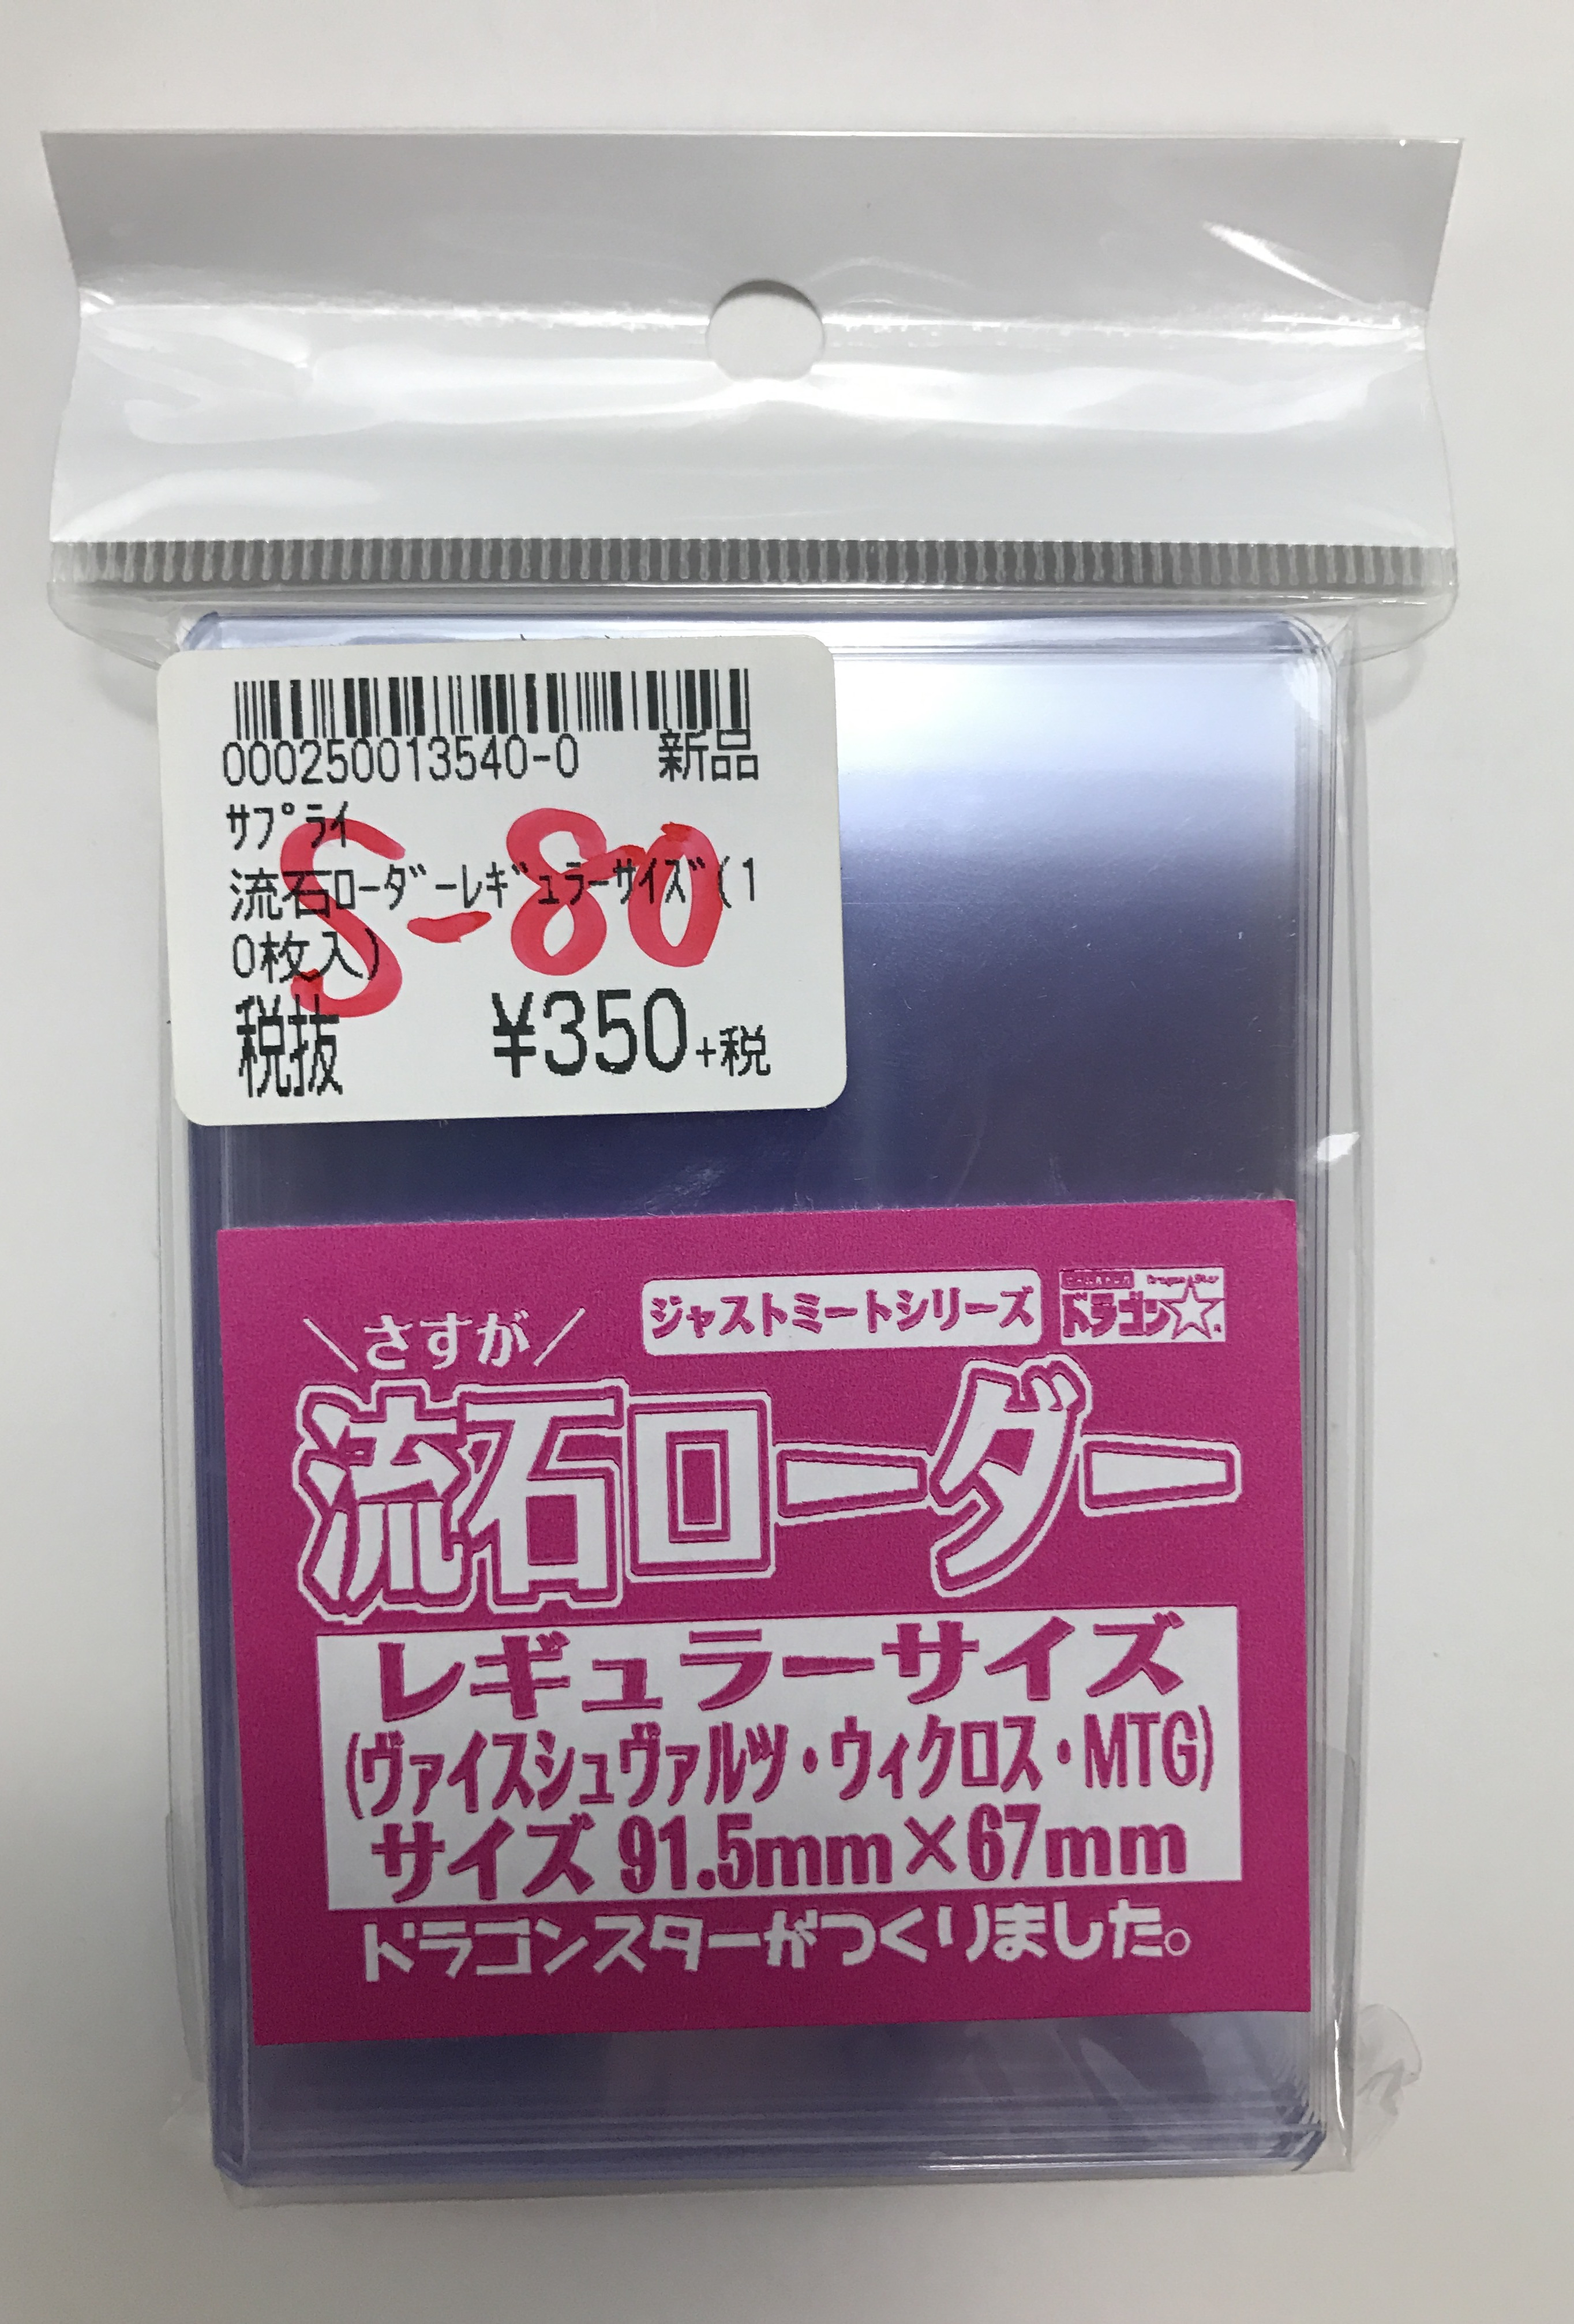 トレーディングカードを海外に発送する方法、注意点